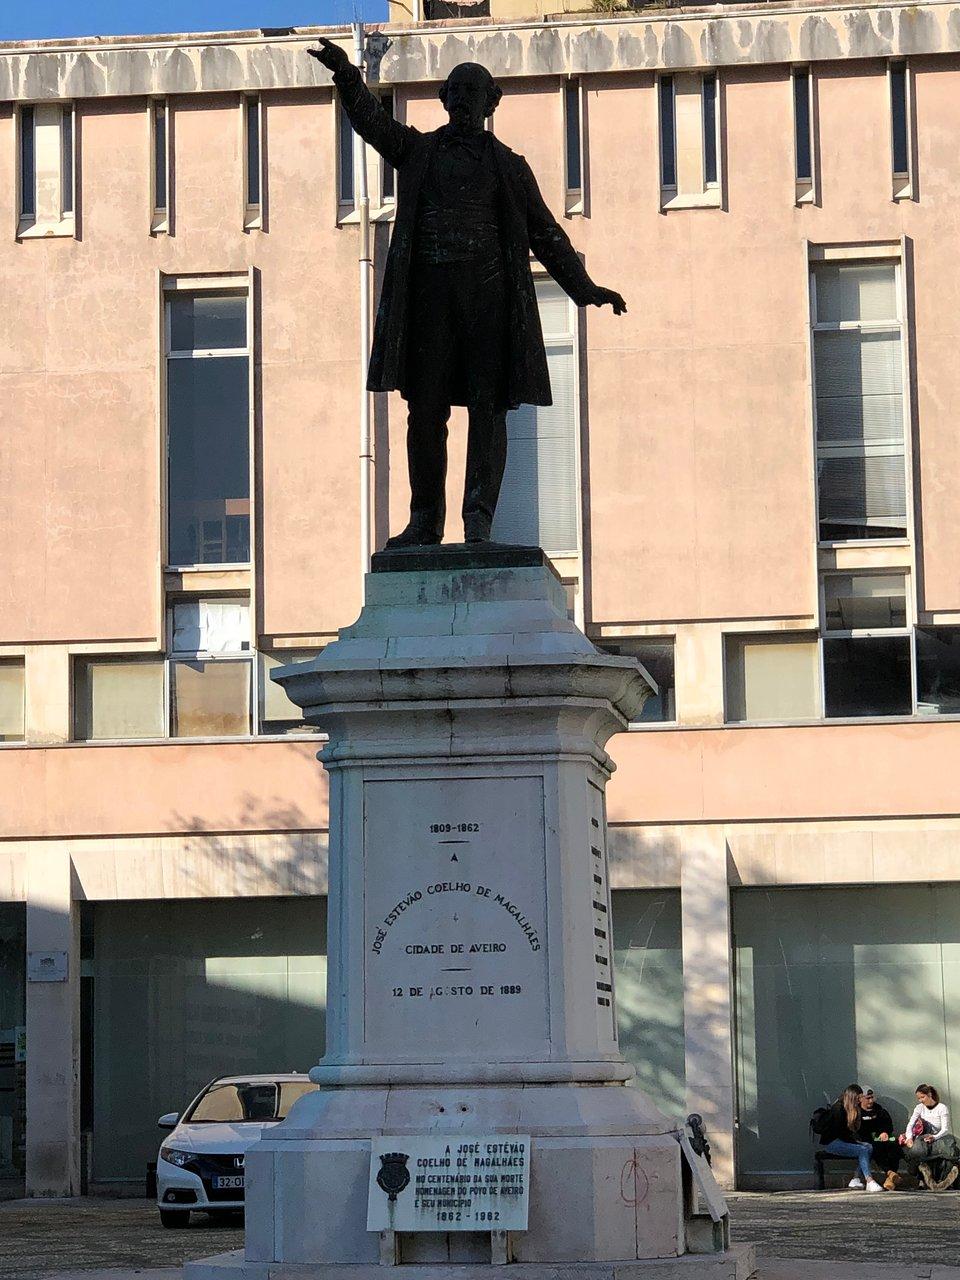 Estatua José Estêvão Coelho de Magalhães (Aveiro) - ATUALIZADO ...